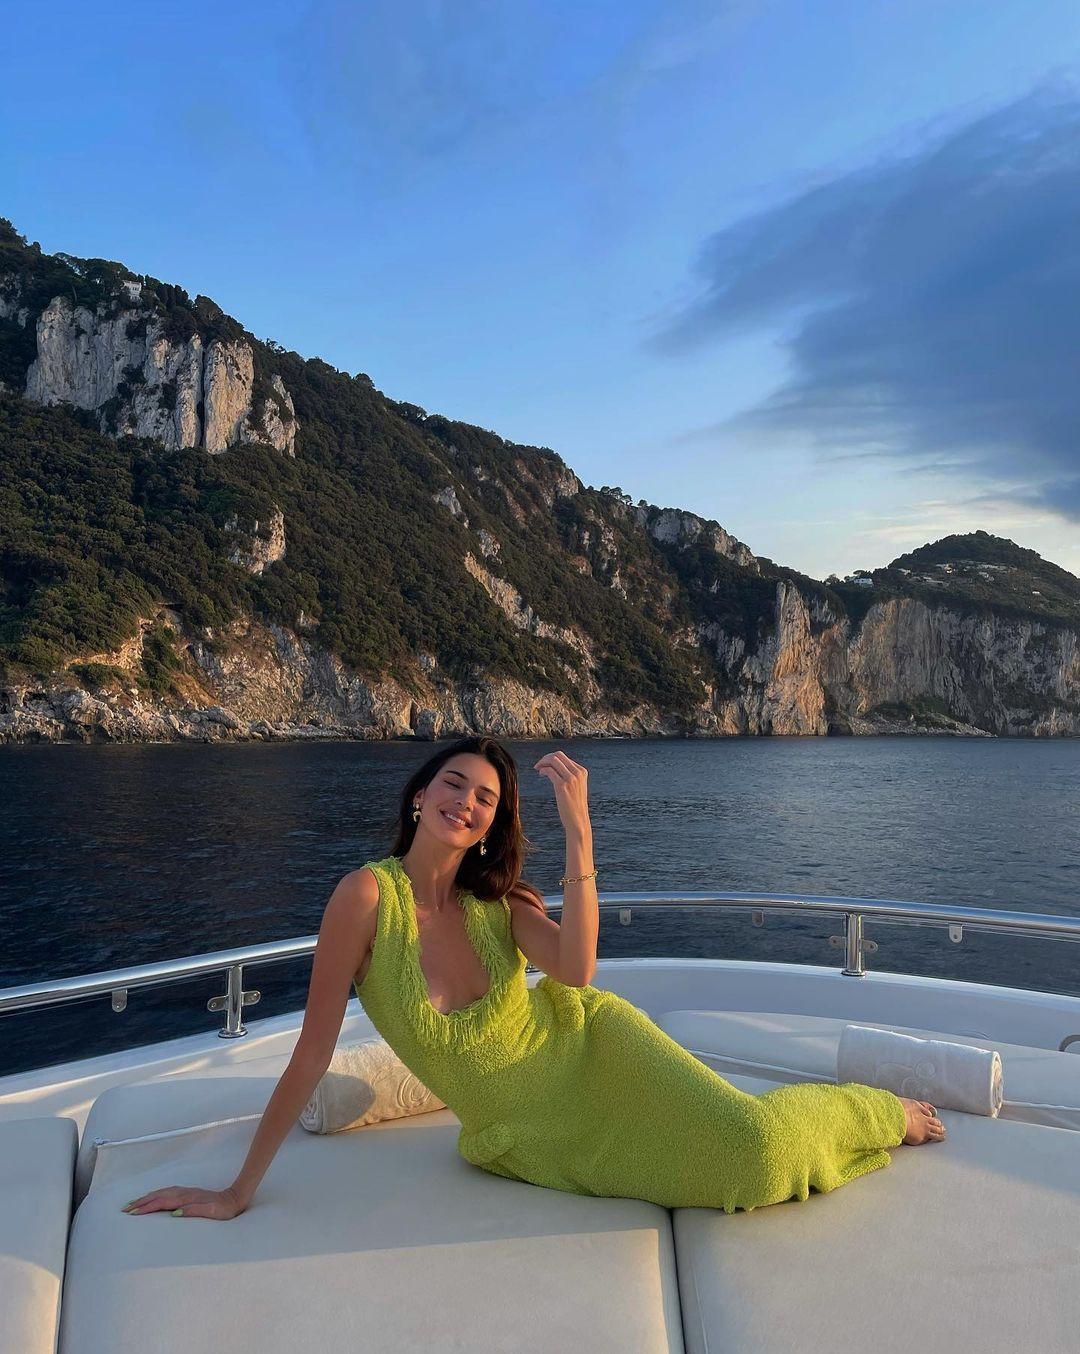 Kusursuz fiziğini gözler önüne serdi! Kendall Jenner transparan elbisesiyle nefes kesti! - Sayfa 4